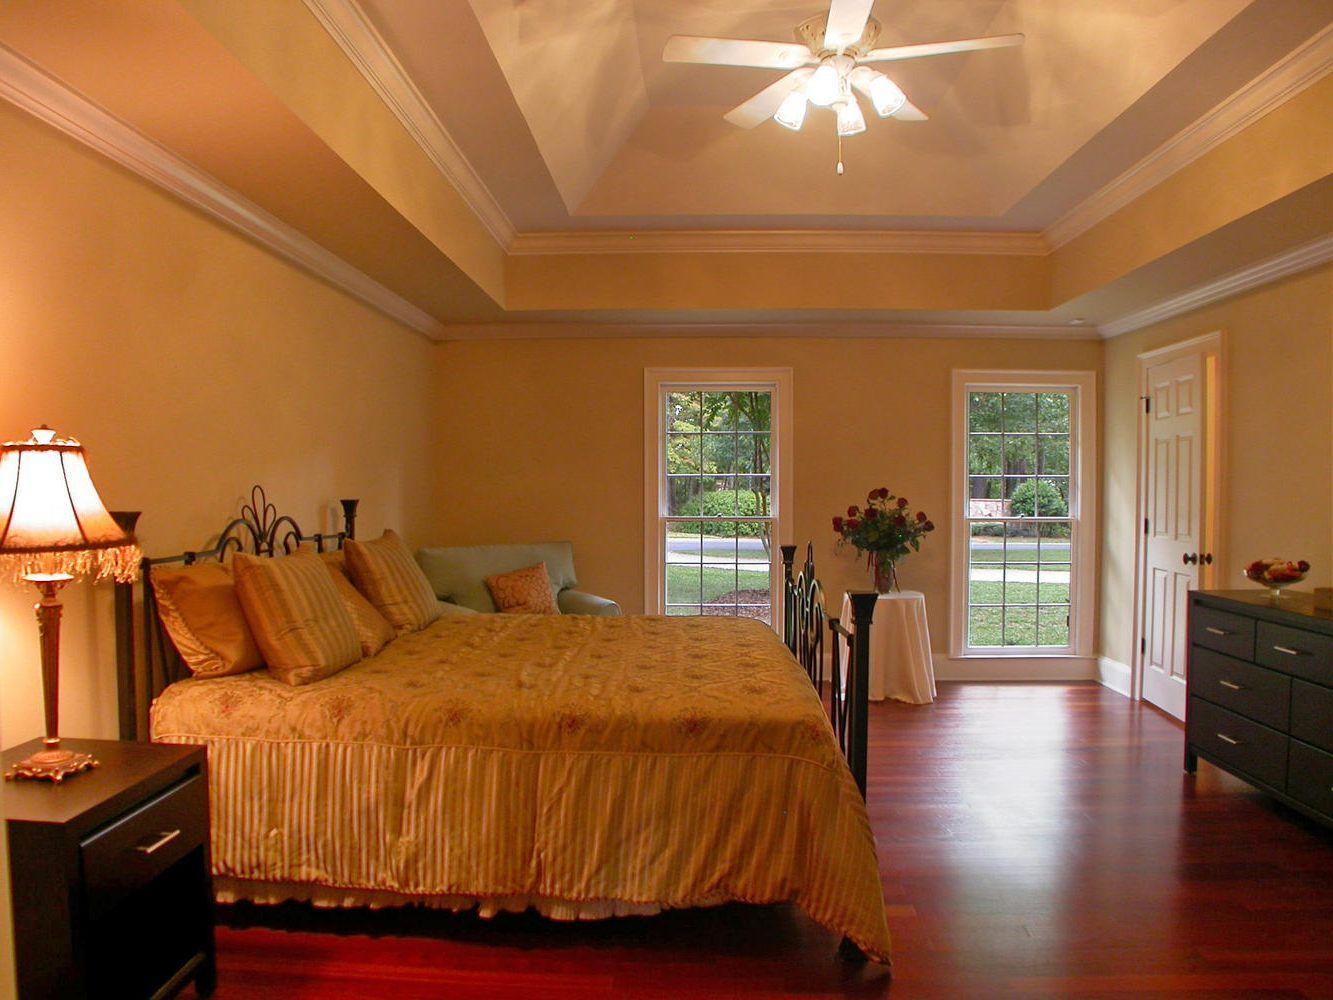 Designer Schlafzimmer ~ 578 best schlafzimmer images on pinterest bedroom amish